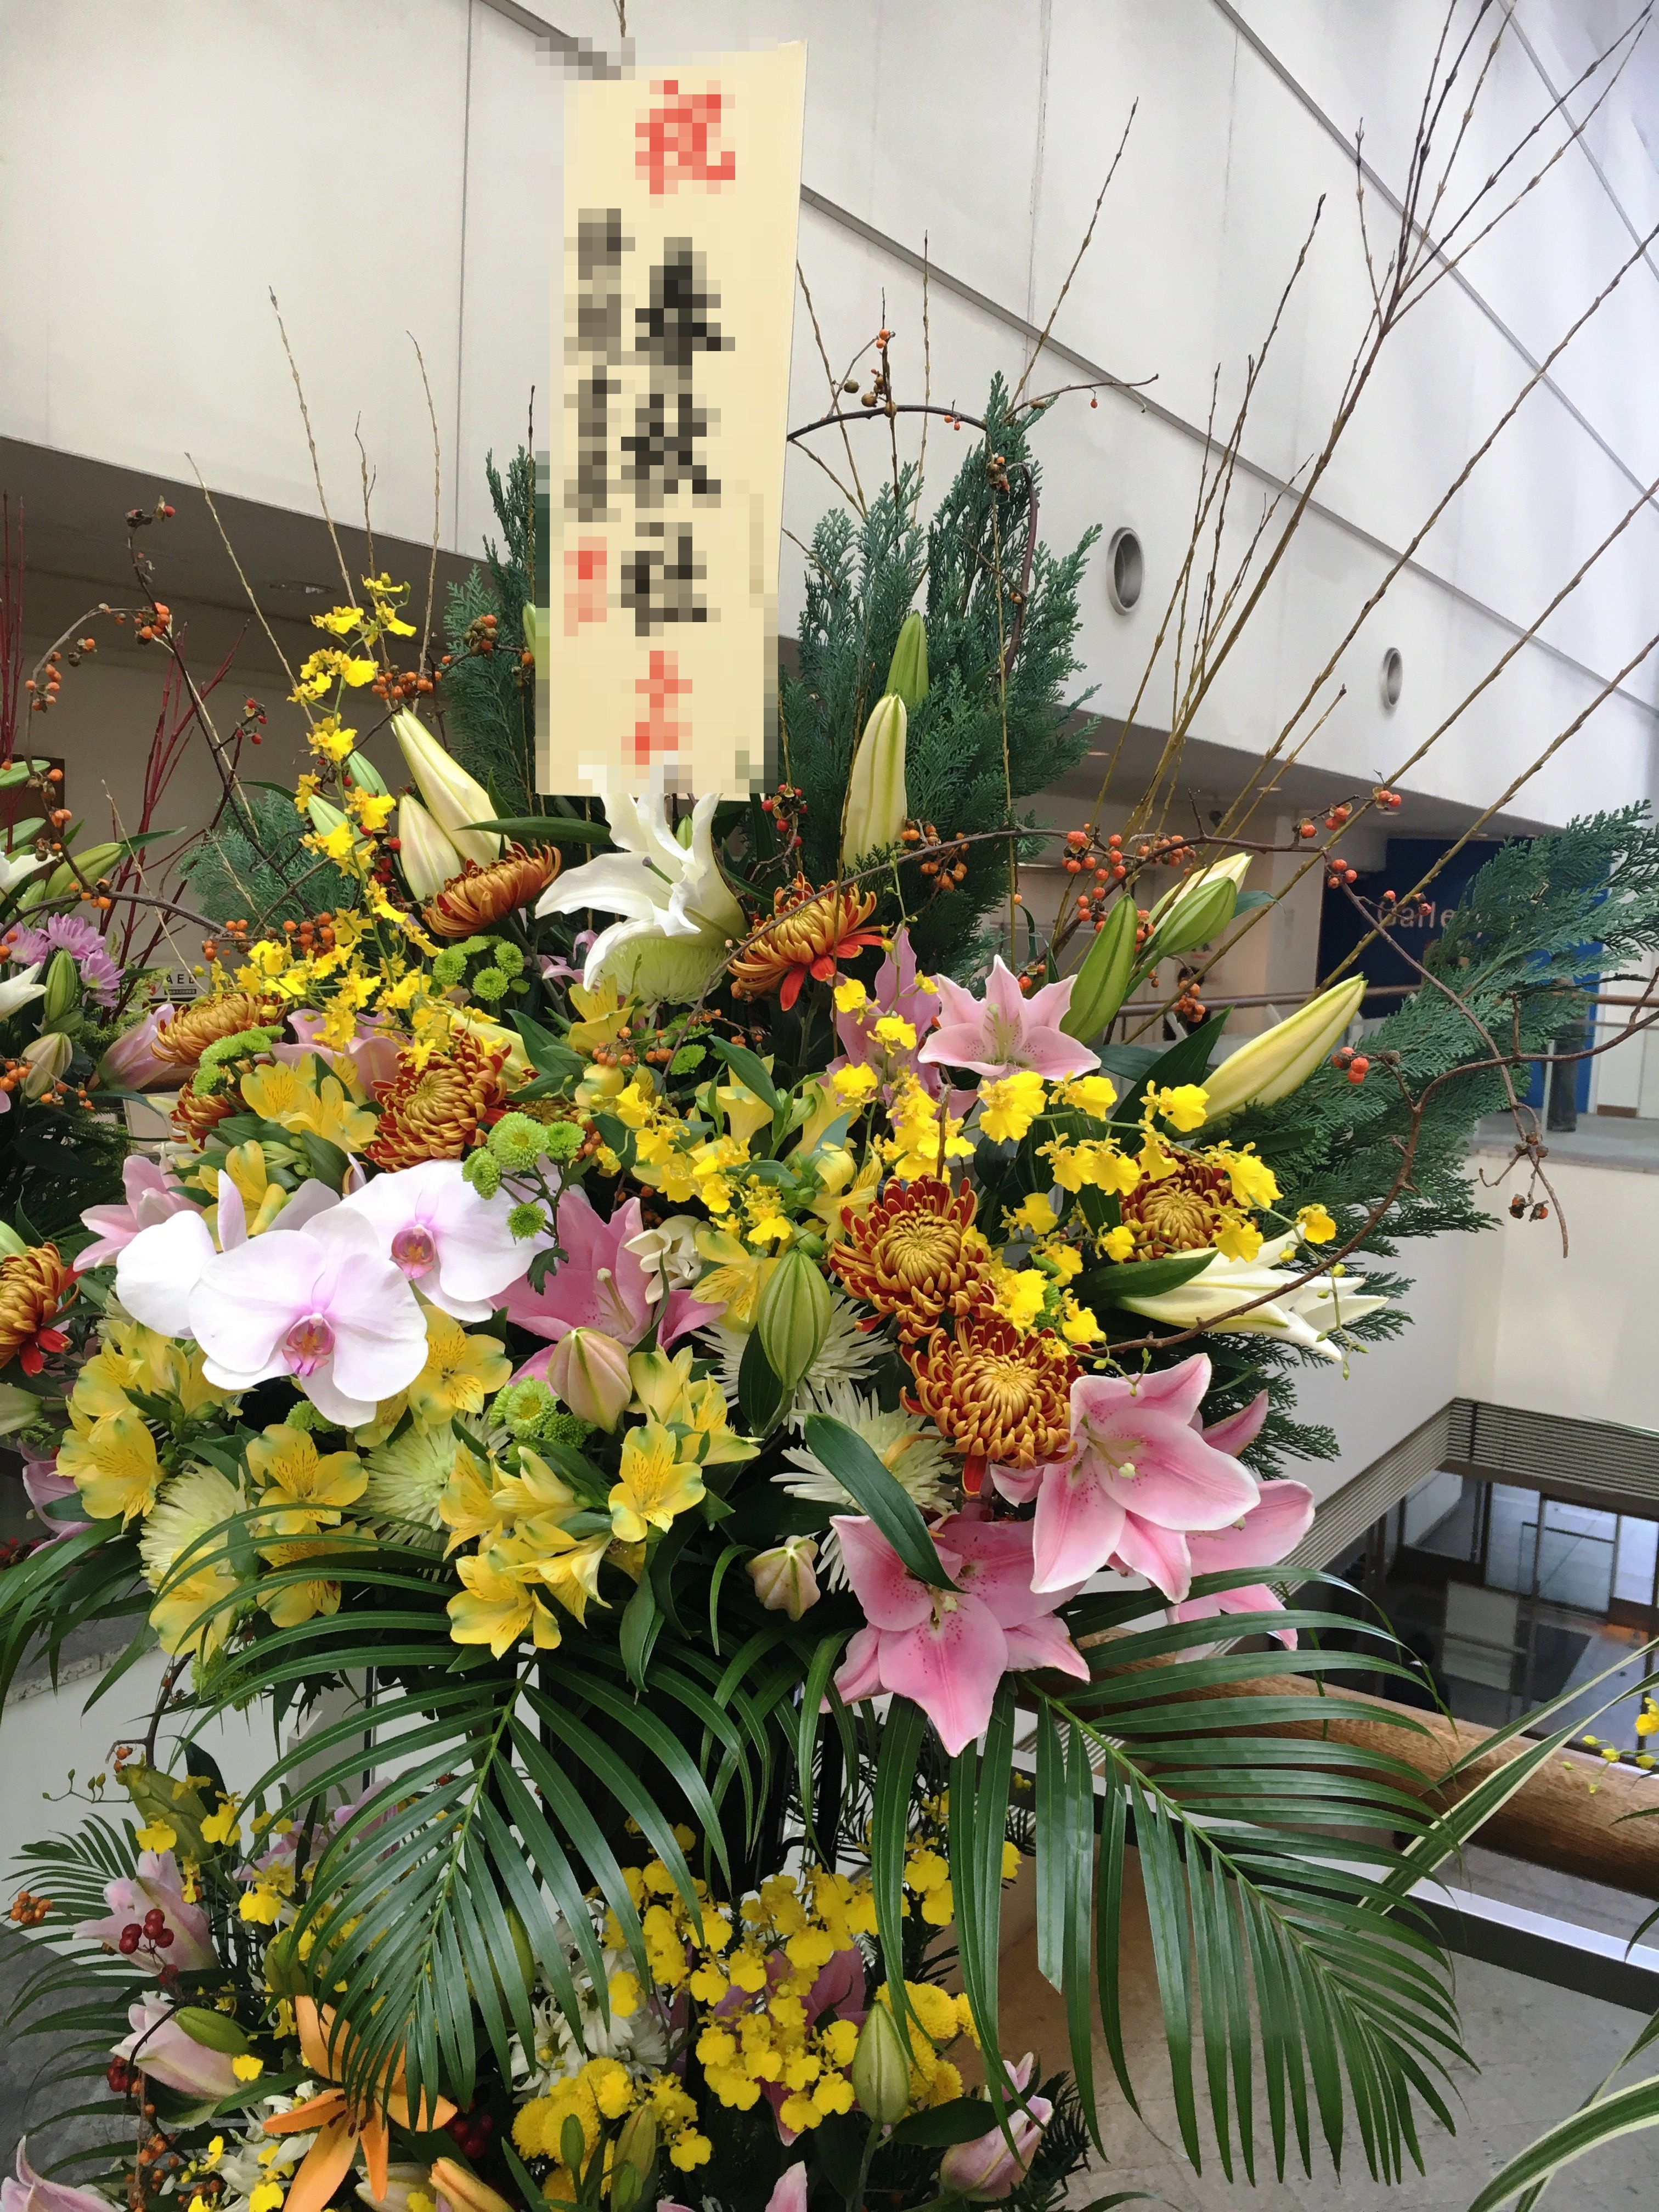 【ナオ花屋の納品事例210】横浜市関内へアレンジメント花を即日当日配達しました!